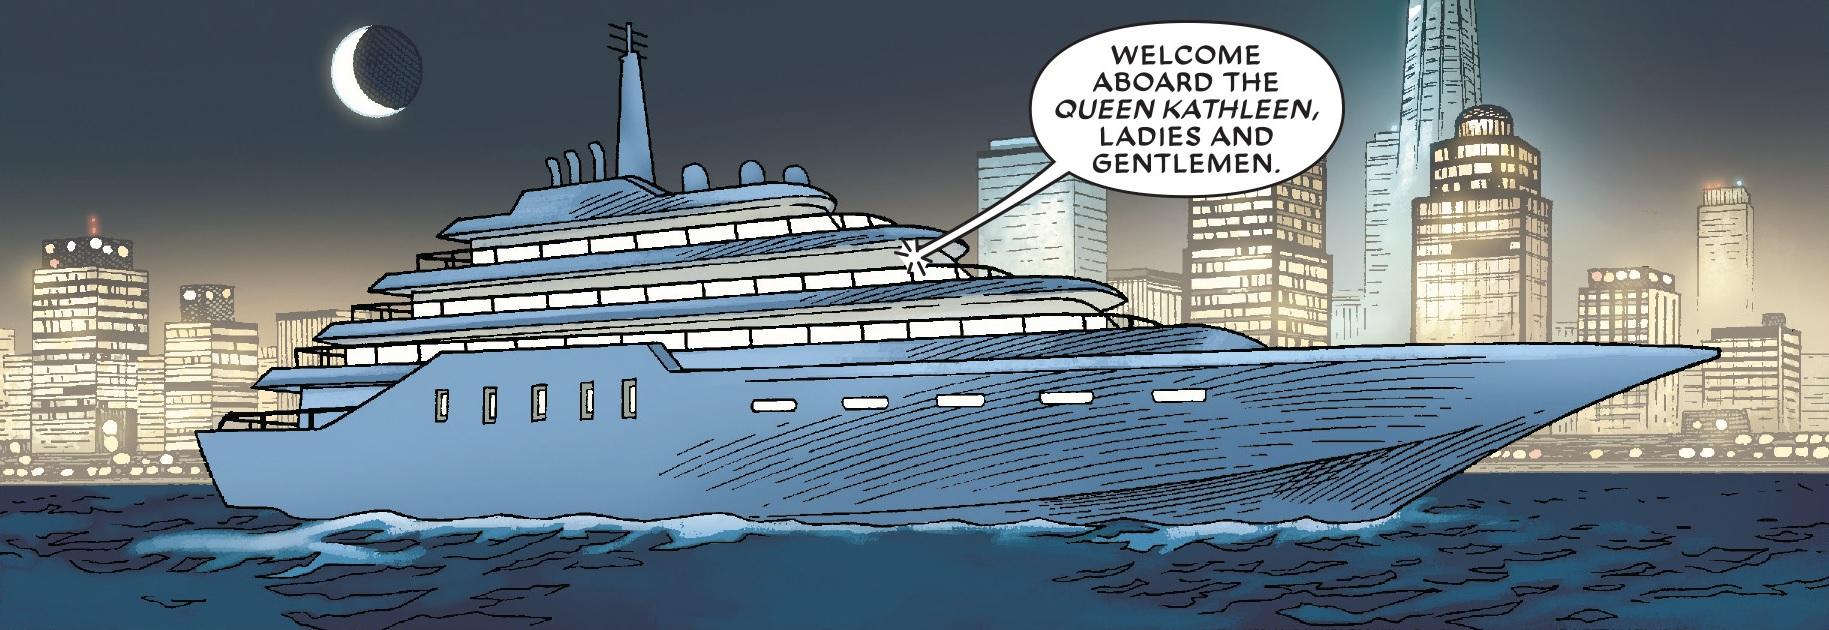 Queen Kathleen